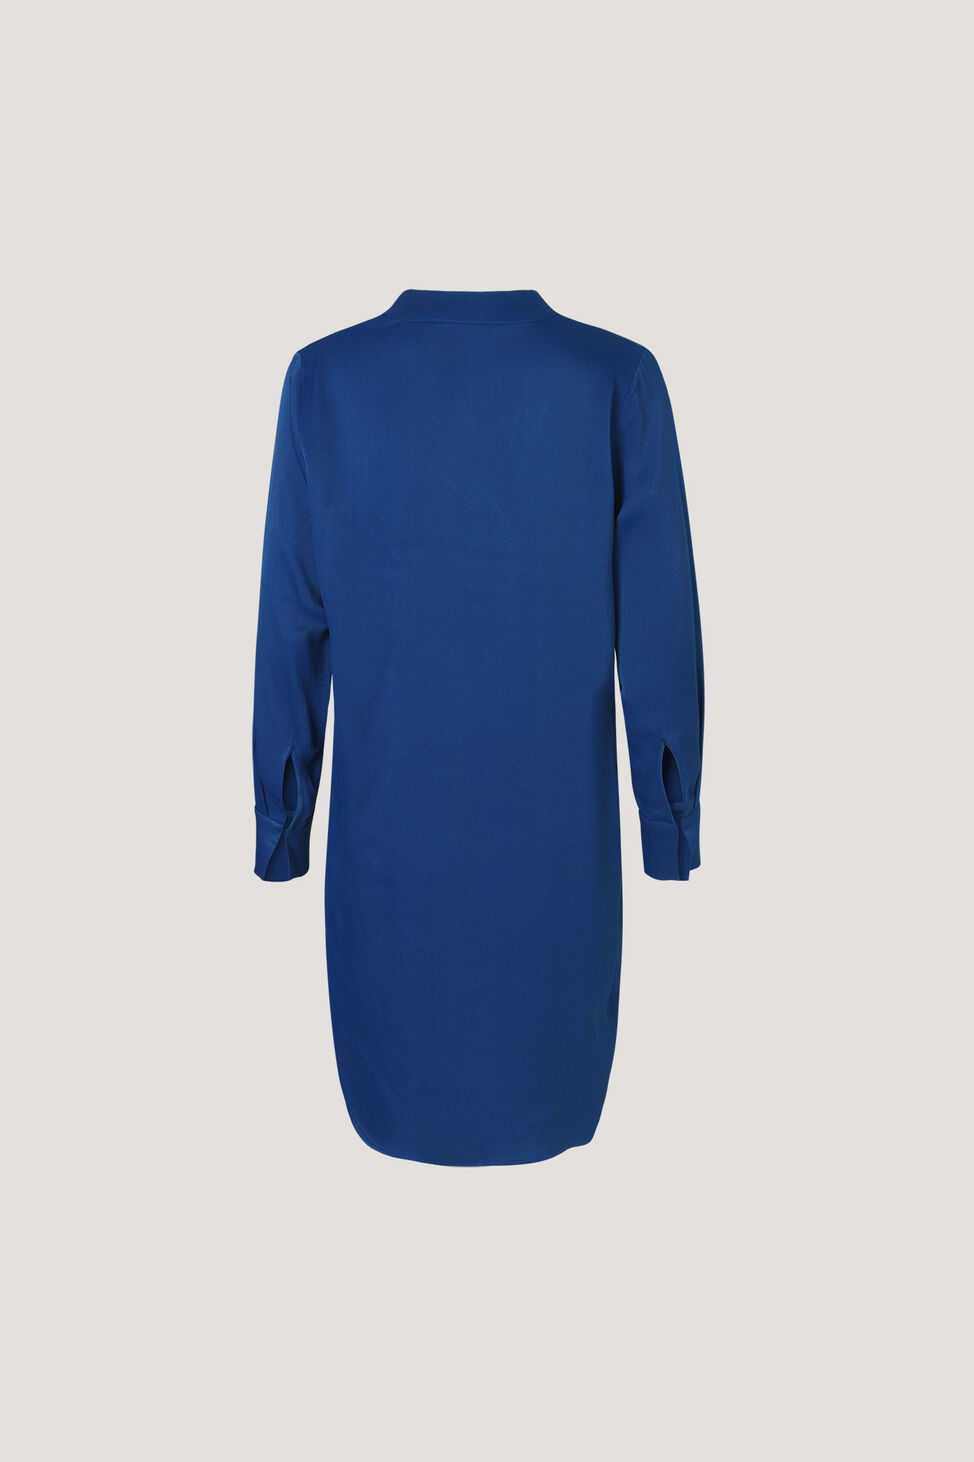 c6938eb1f93e Hamill vn dress 7700